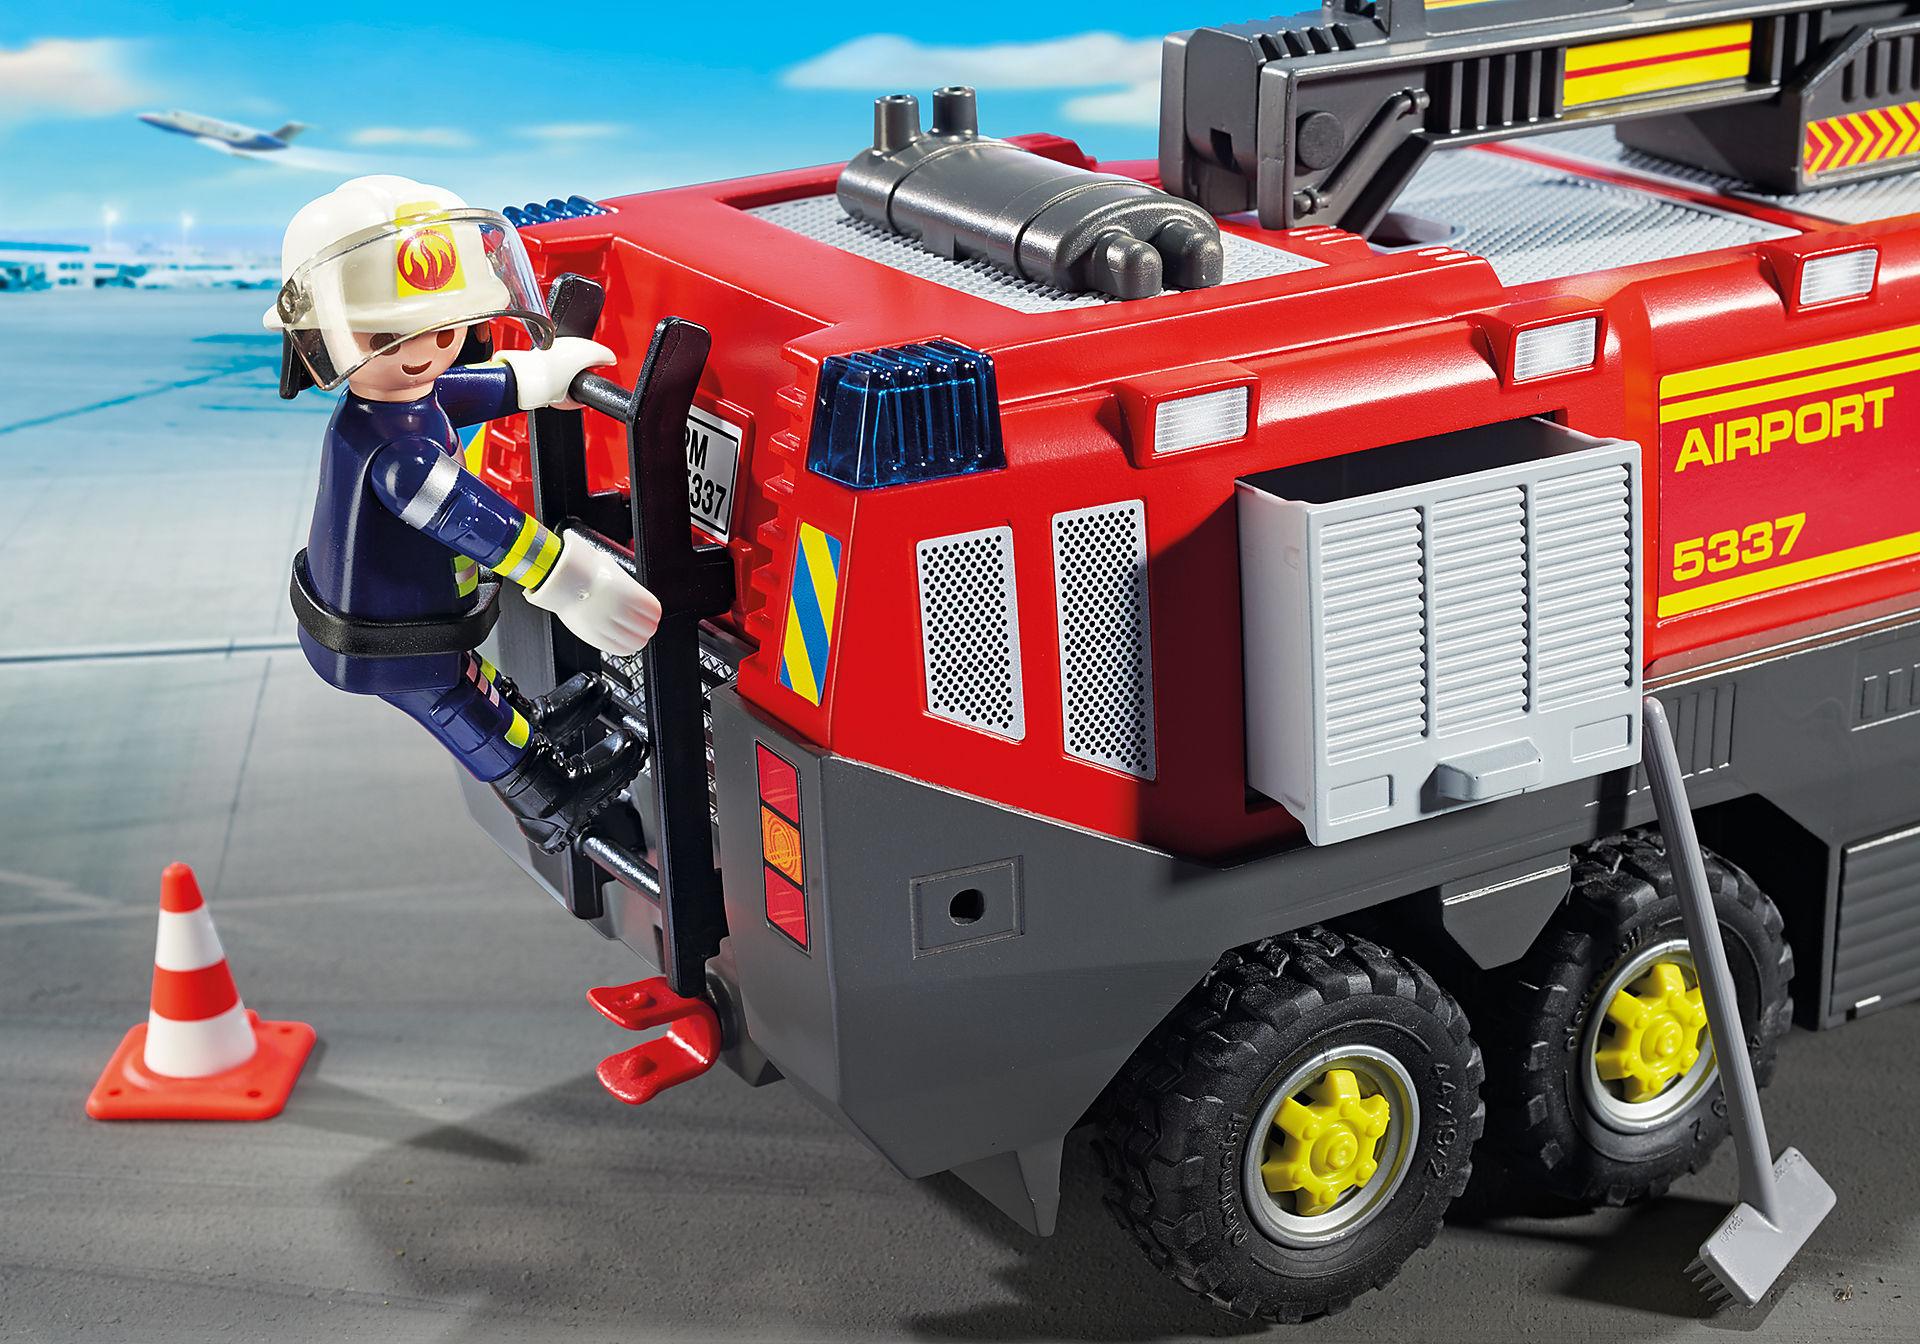 5337 Pojazd strażacki na lotnisku ze światłem zoom image6